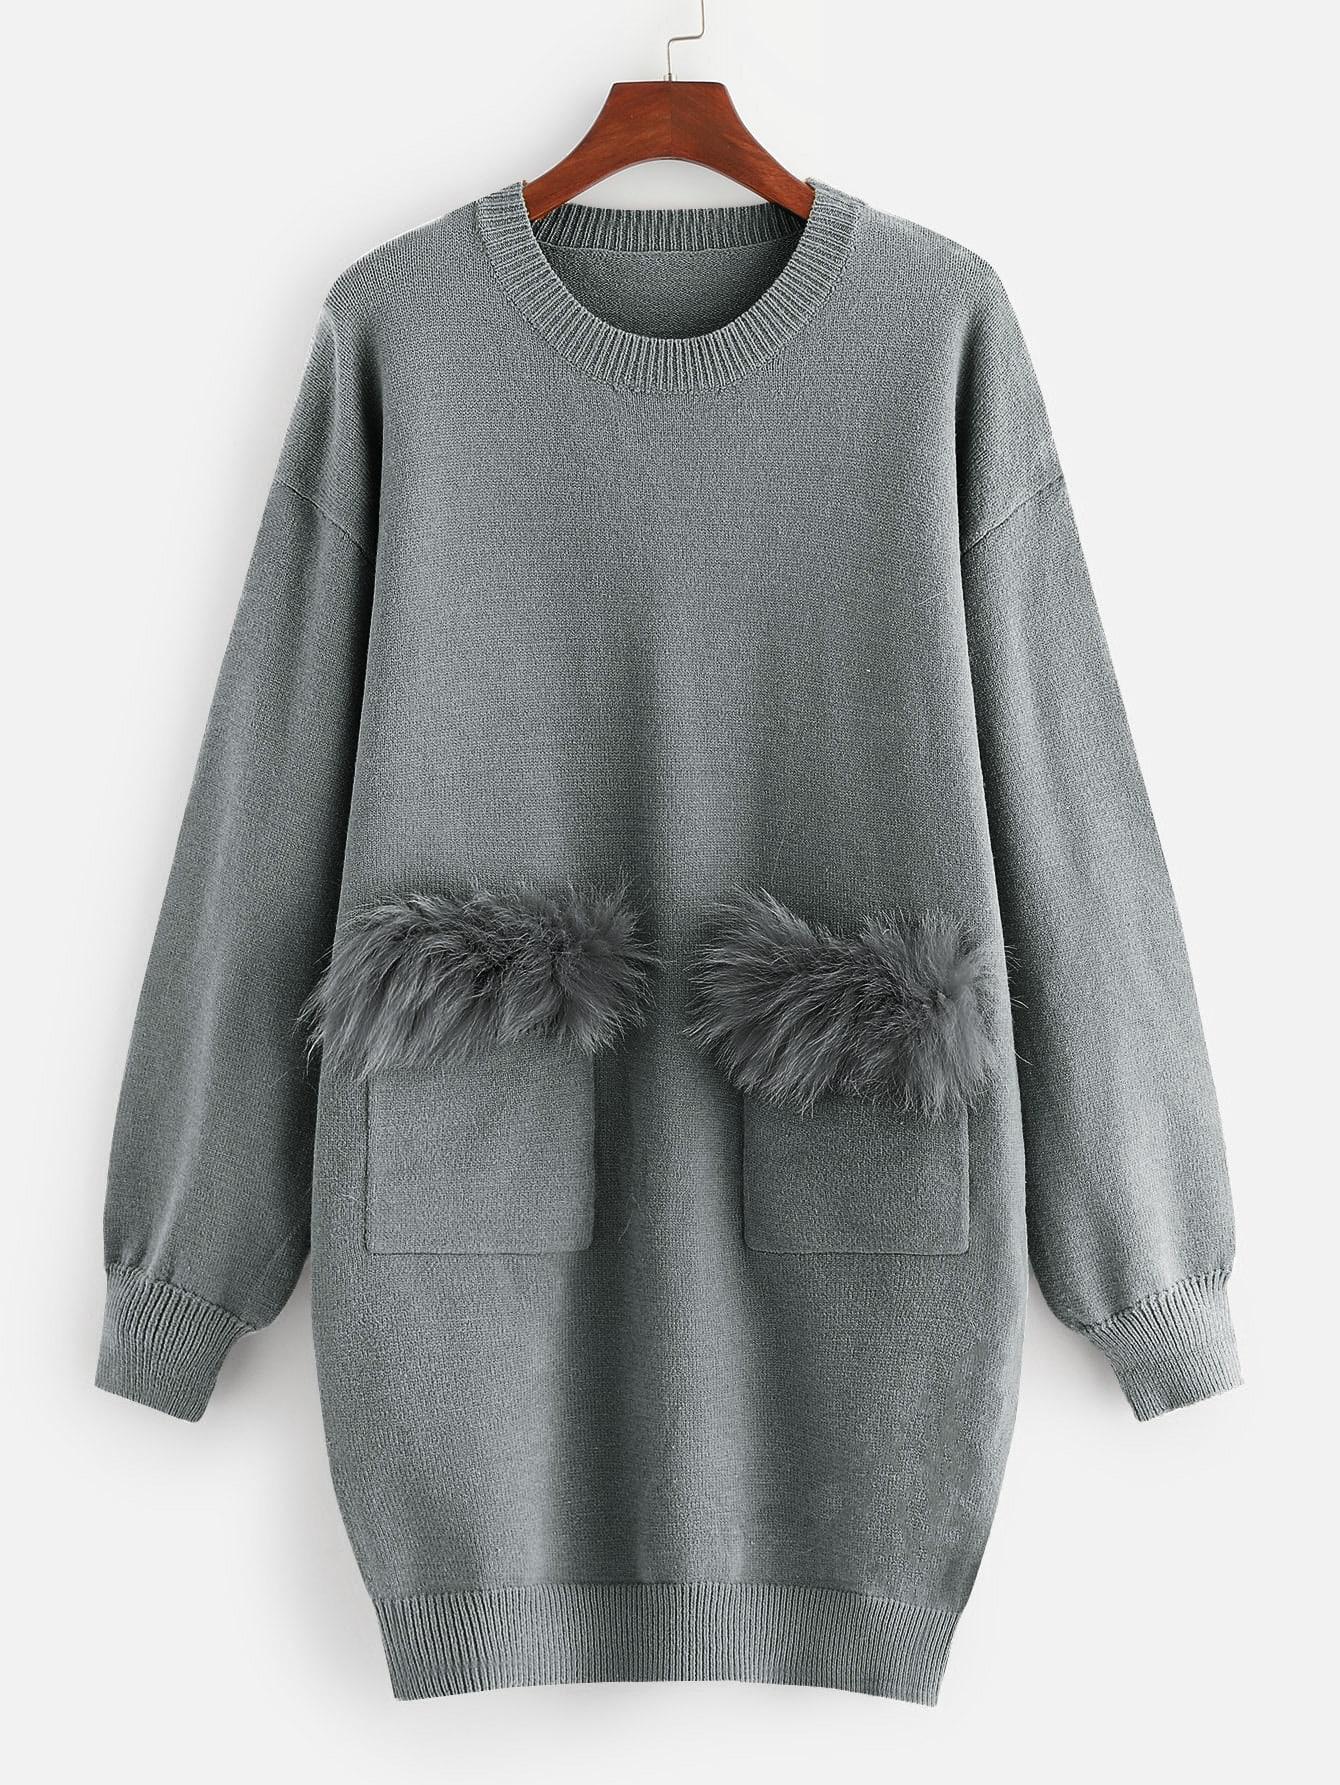 Купить Вязяное платье с карманом из искусственных мехах, null, SheIn